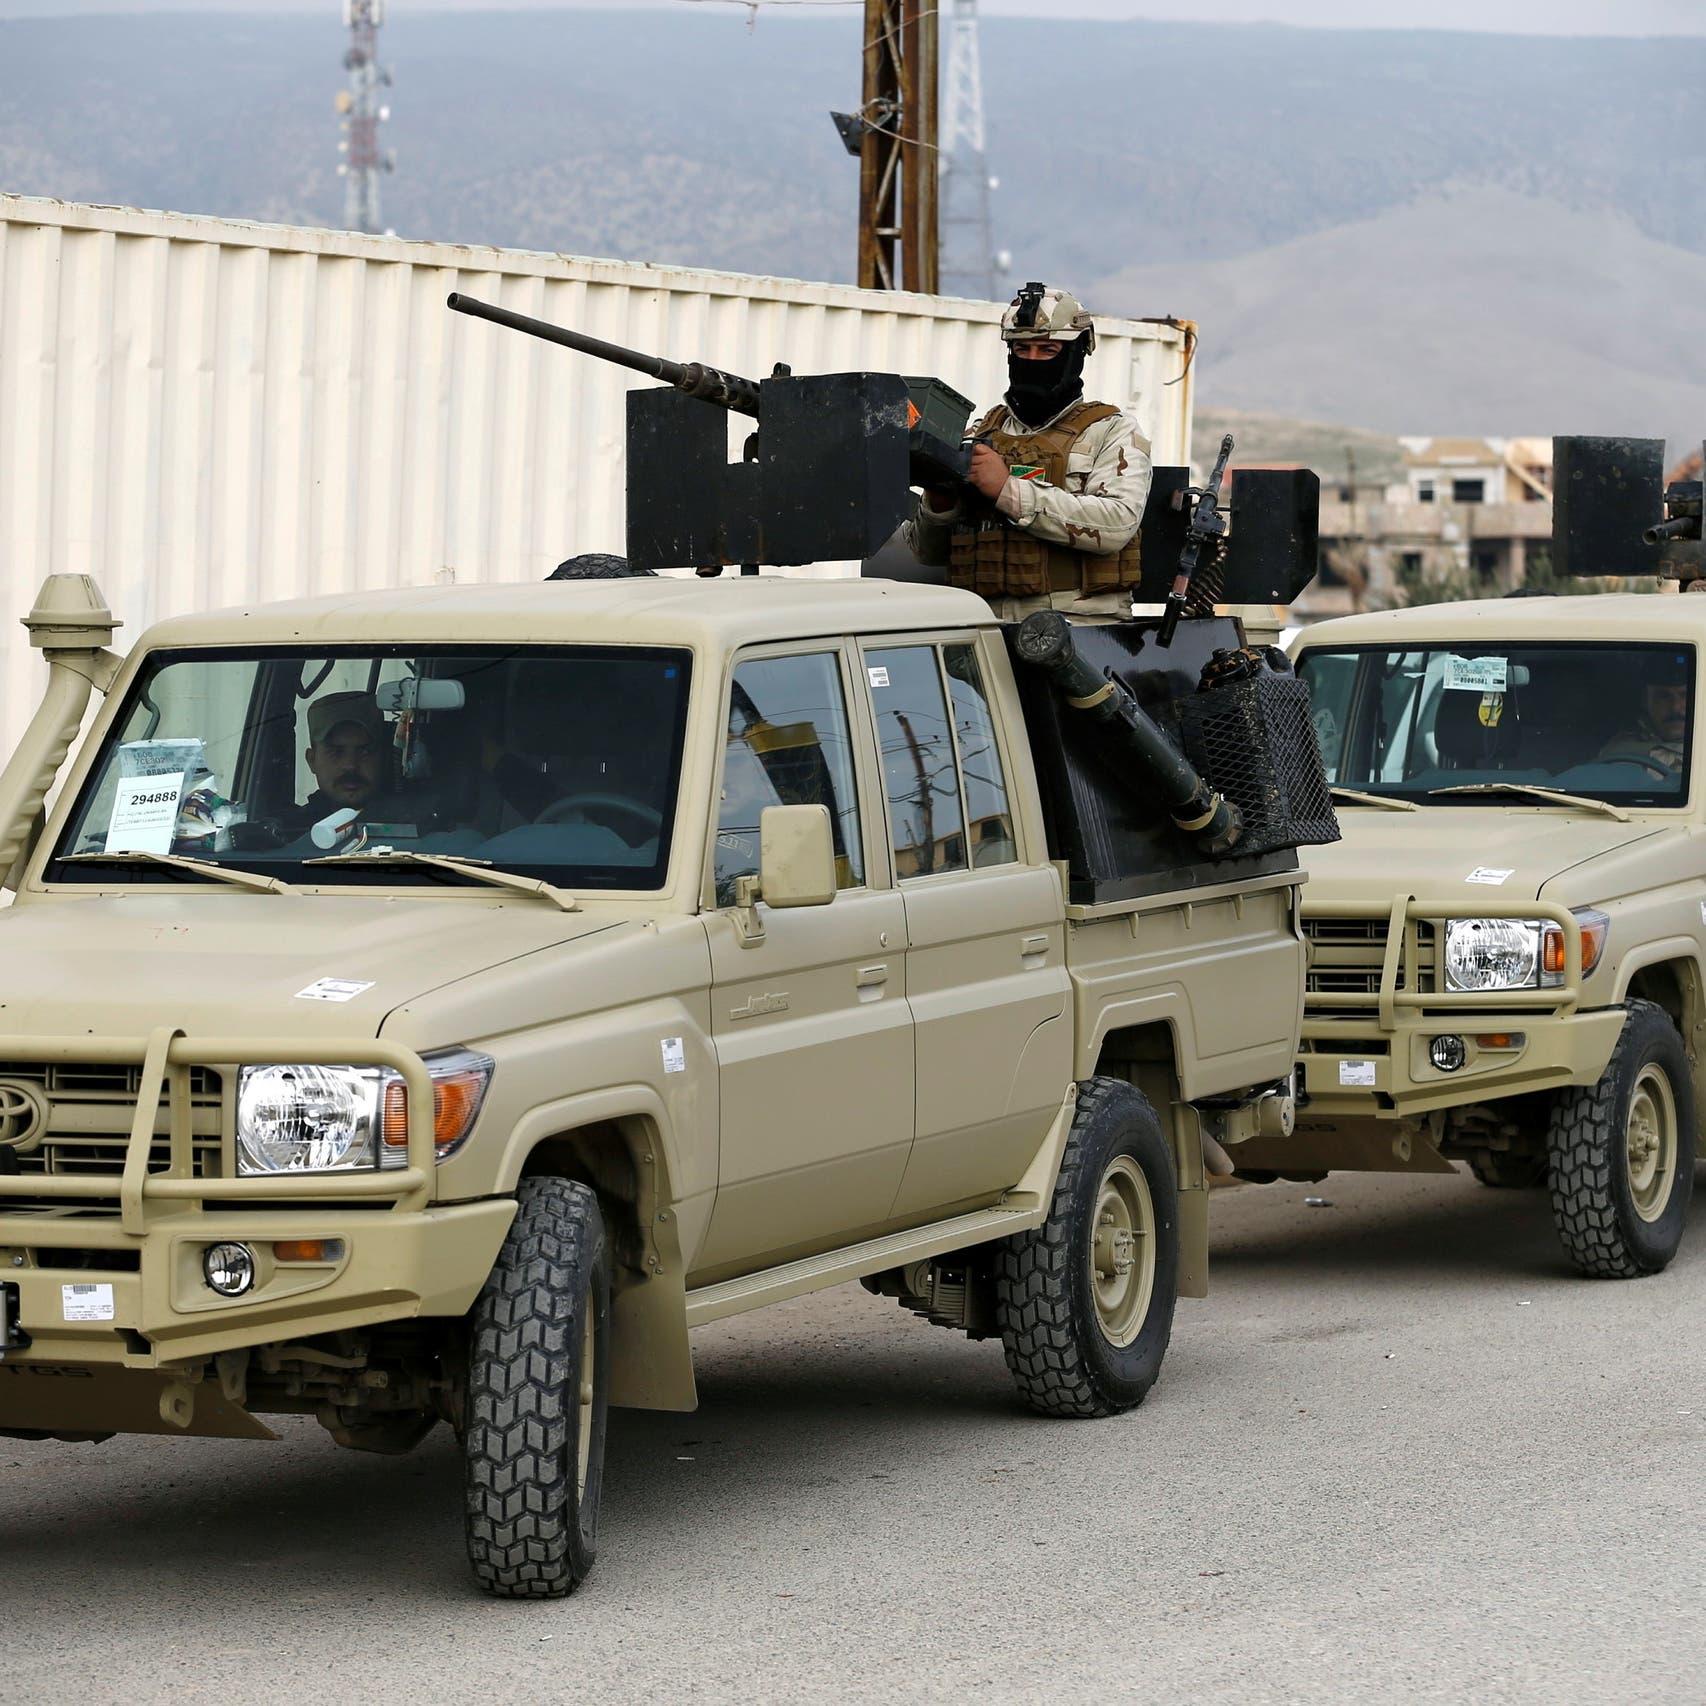 الأمن العراقي يعتقل 4 أشخاص تسللوا من سوريا